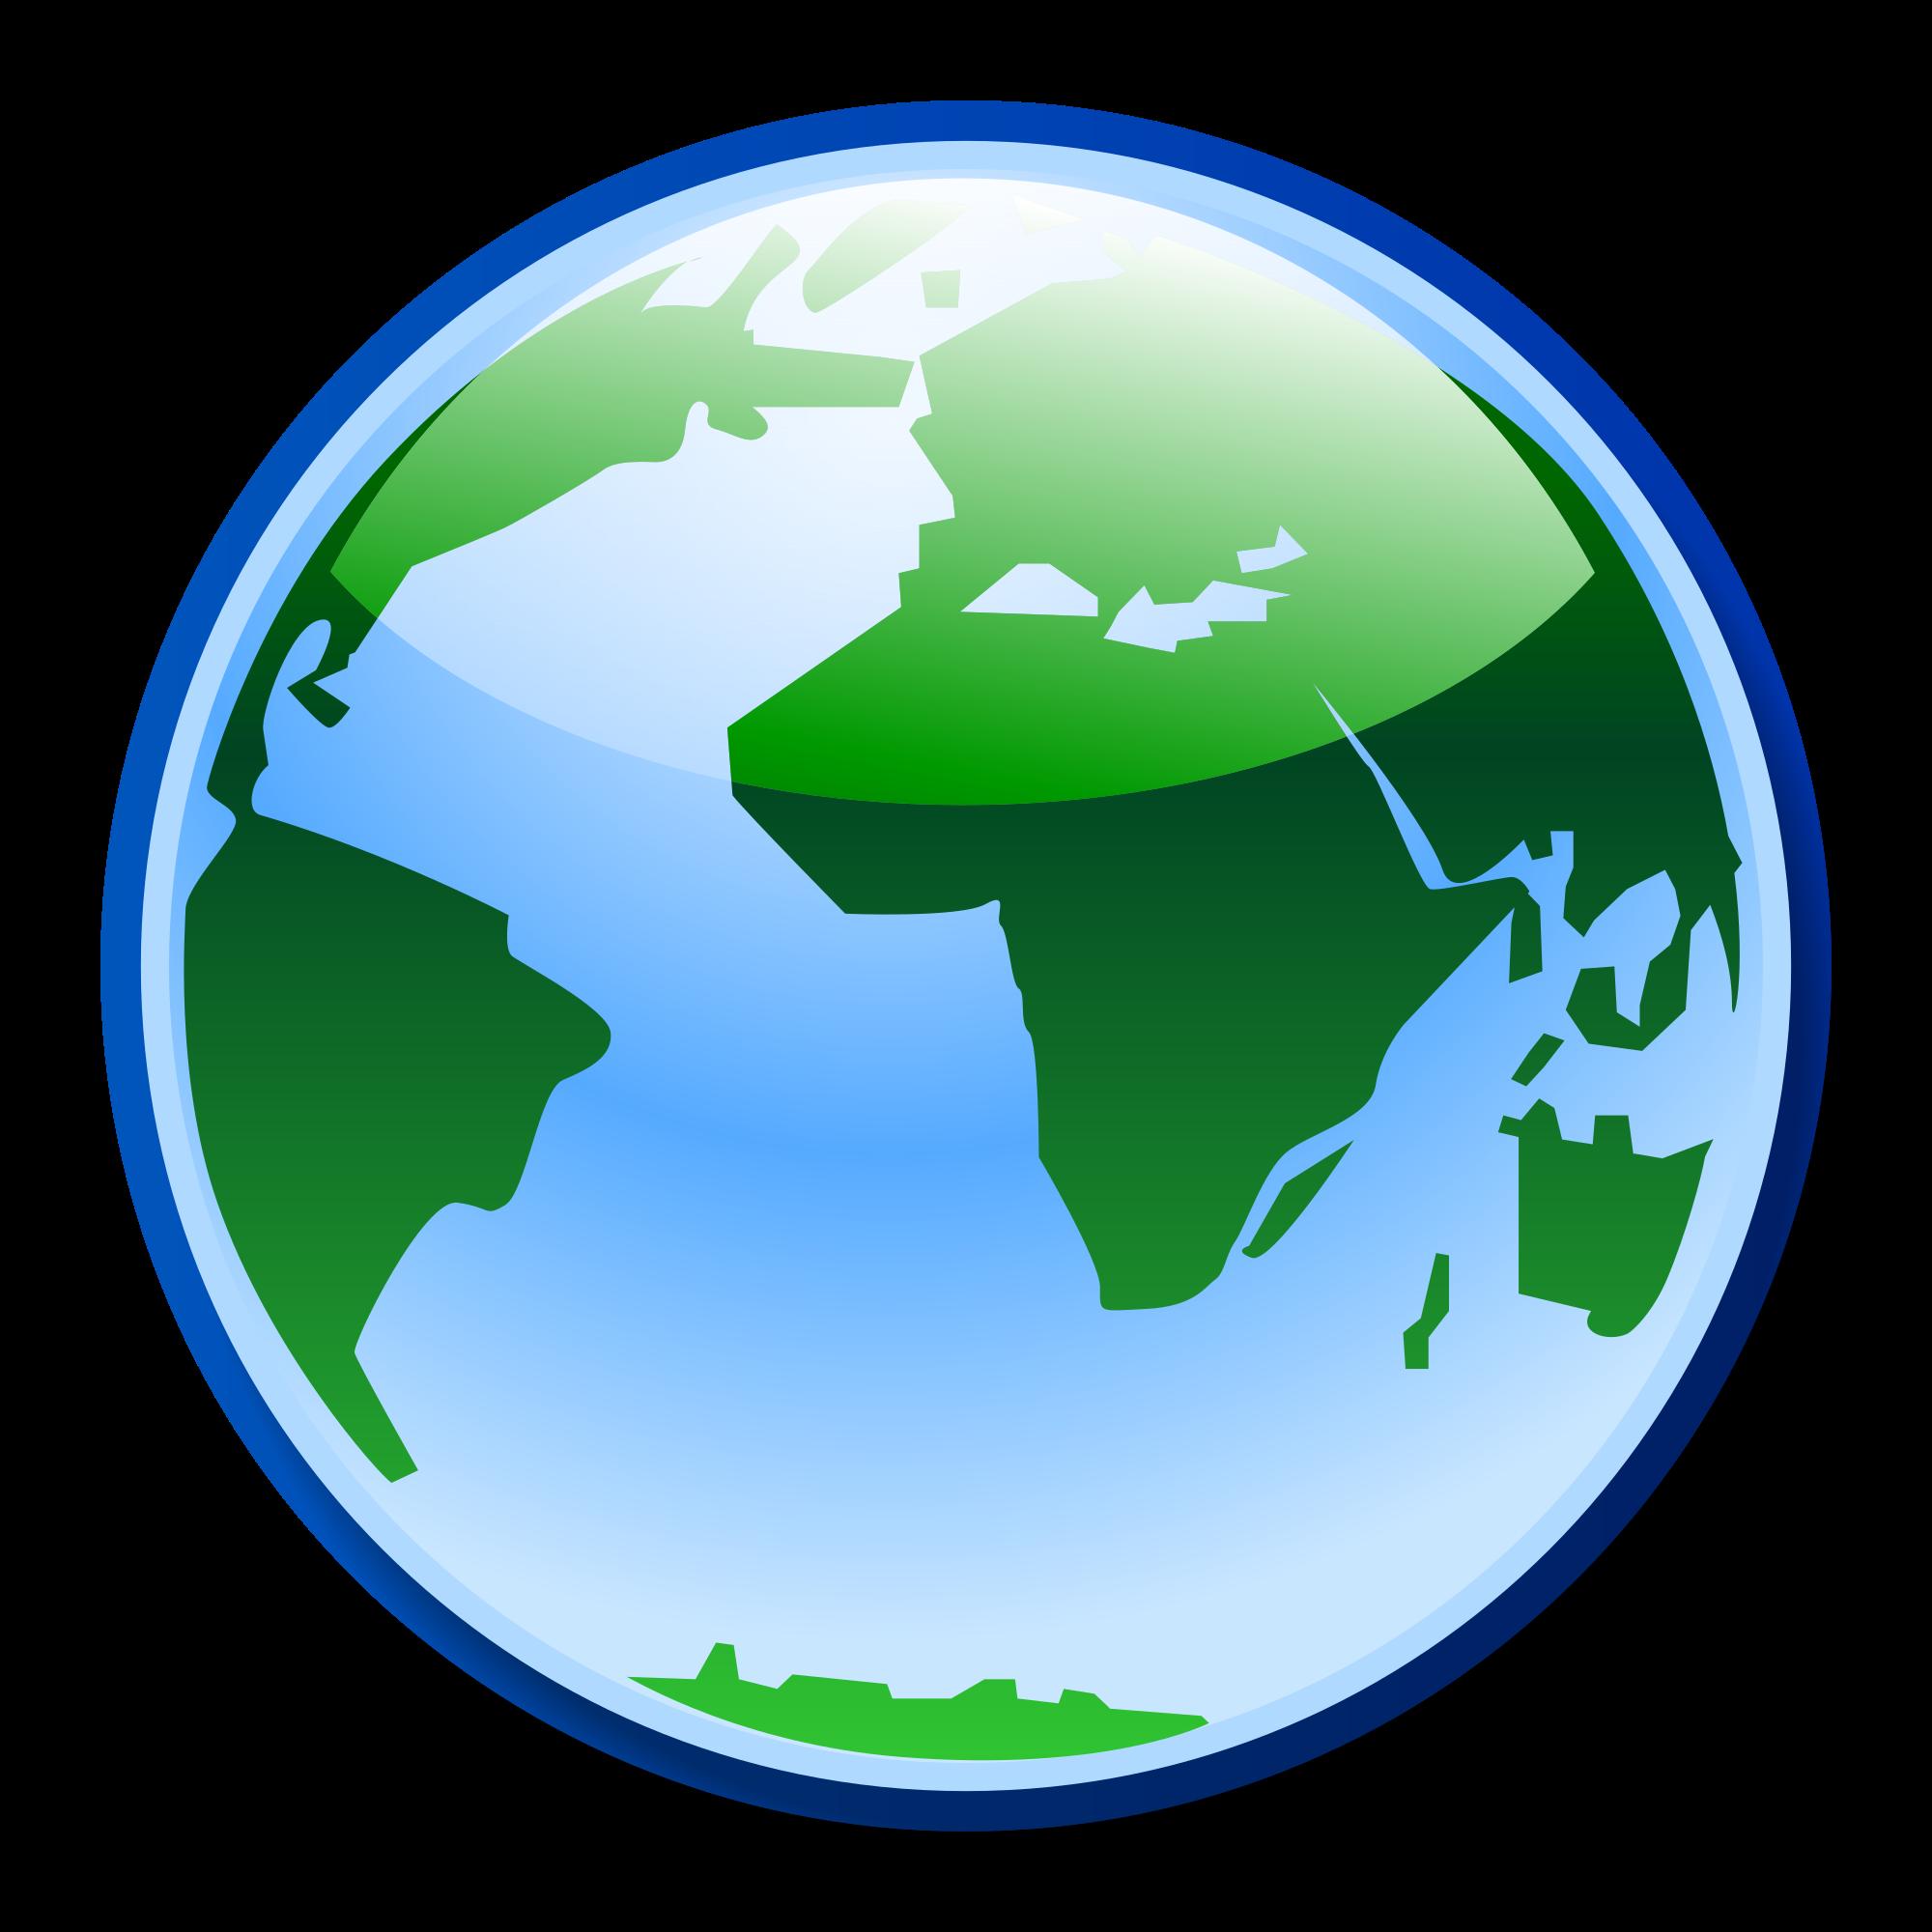 2000x2000 Filegnome Globe.svg